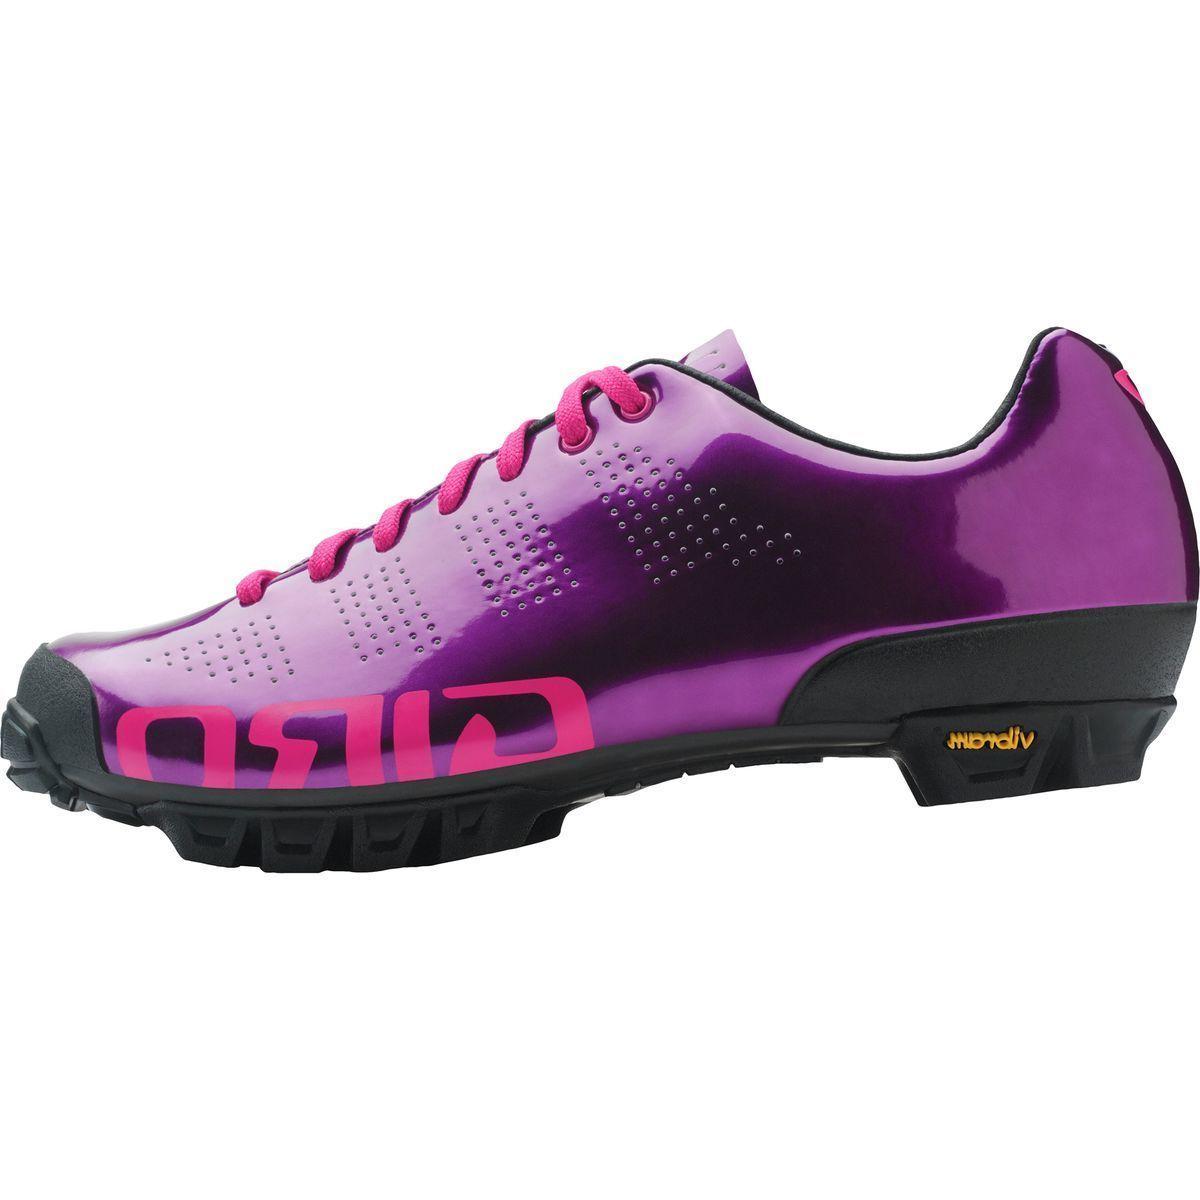 Giro Empire W VR90 Cycling Shoe - Women's